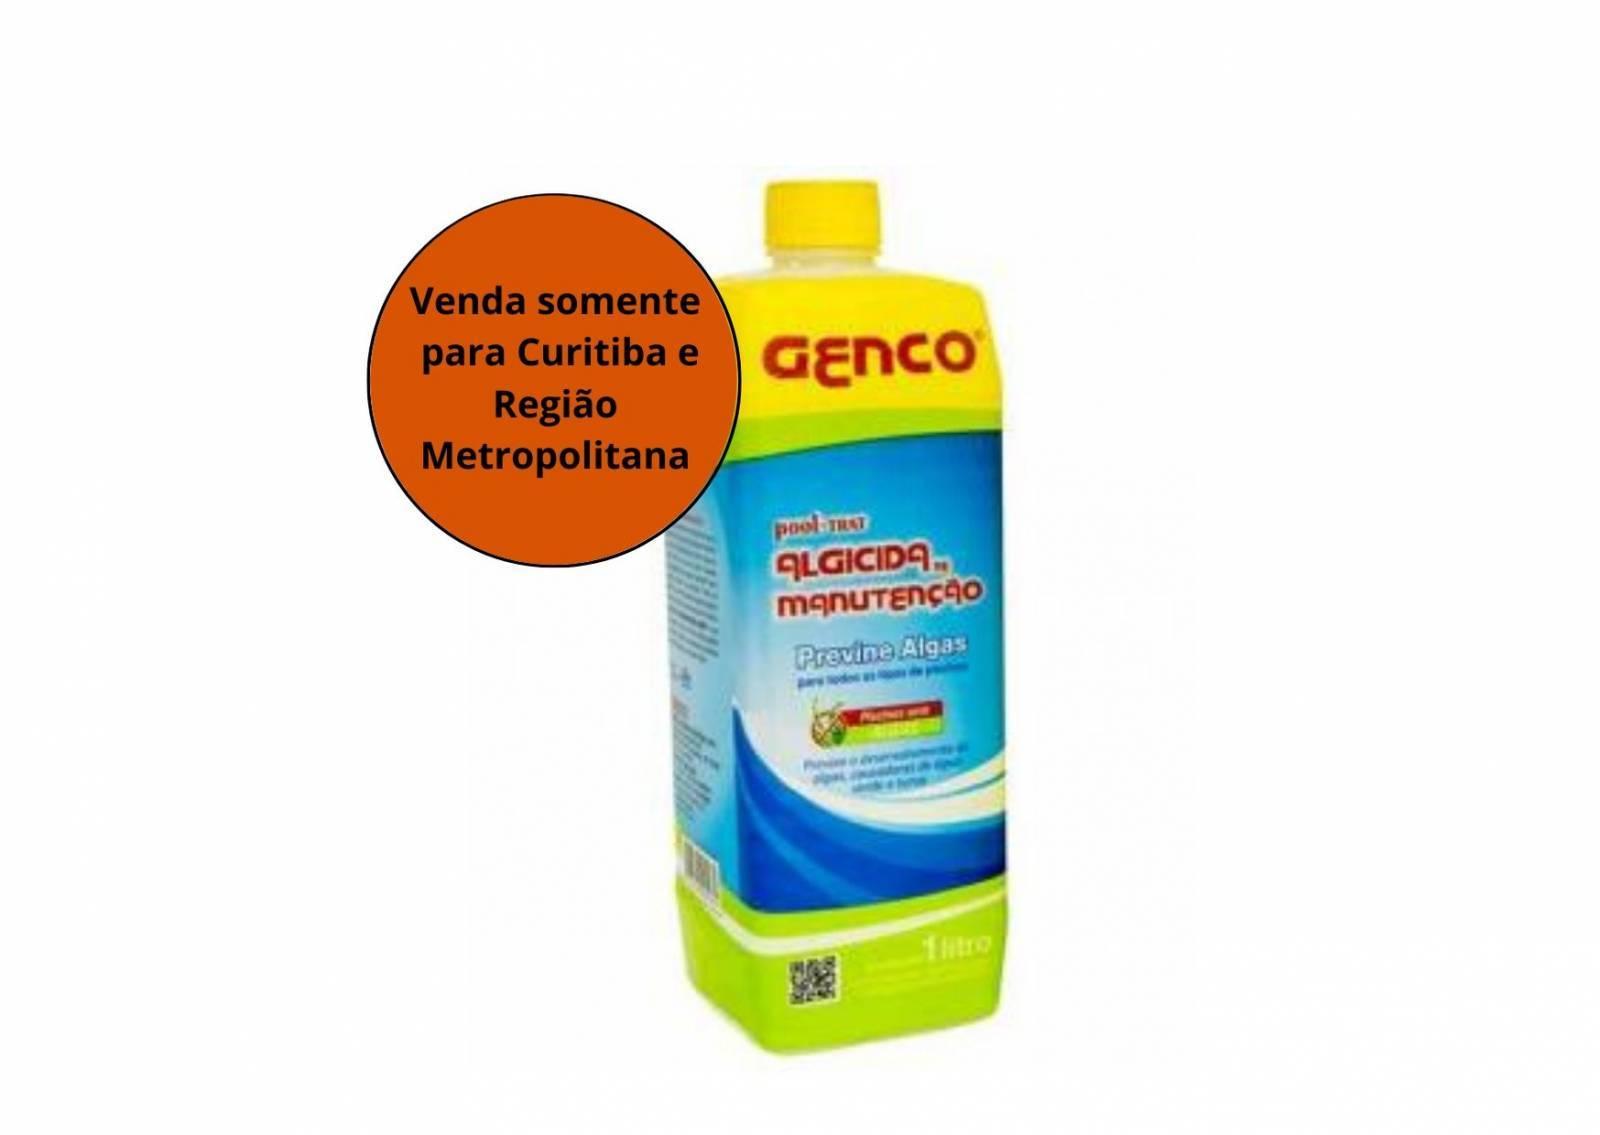 Algicida De Manutenção Pool Trat 1L Genco - MATERGI MATERIAIS DE CONSTRUÇÃO